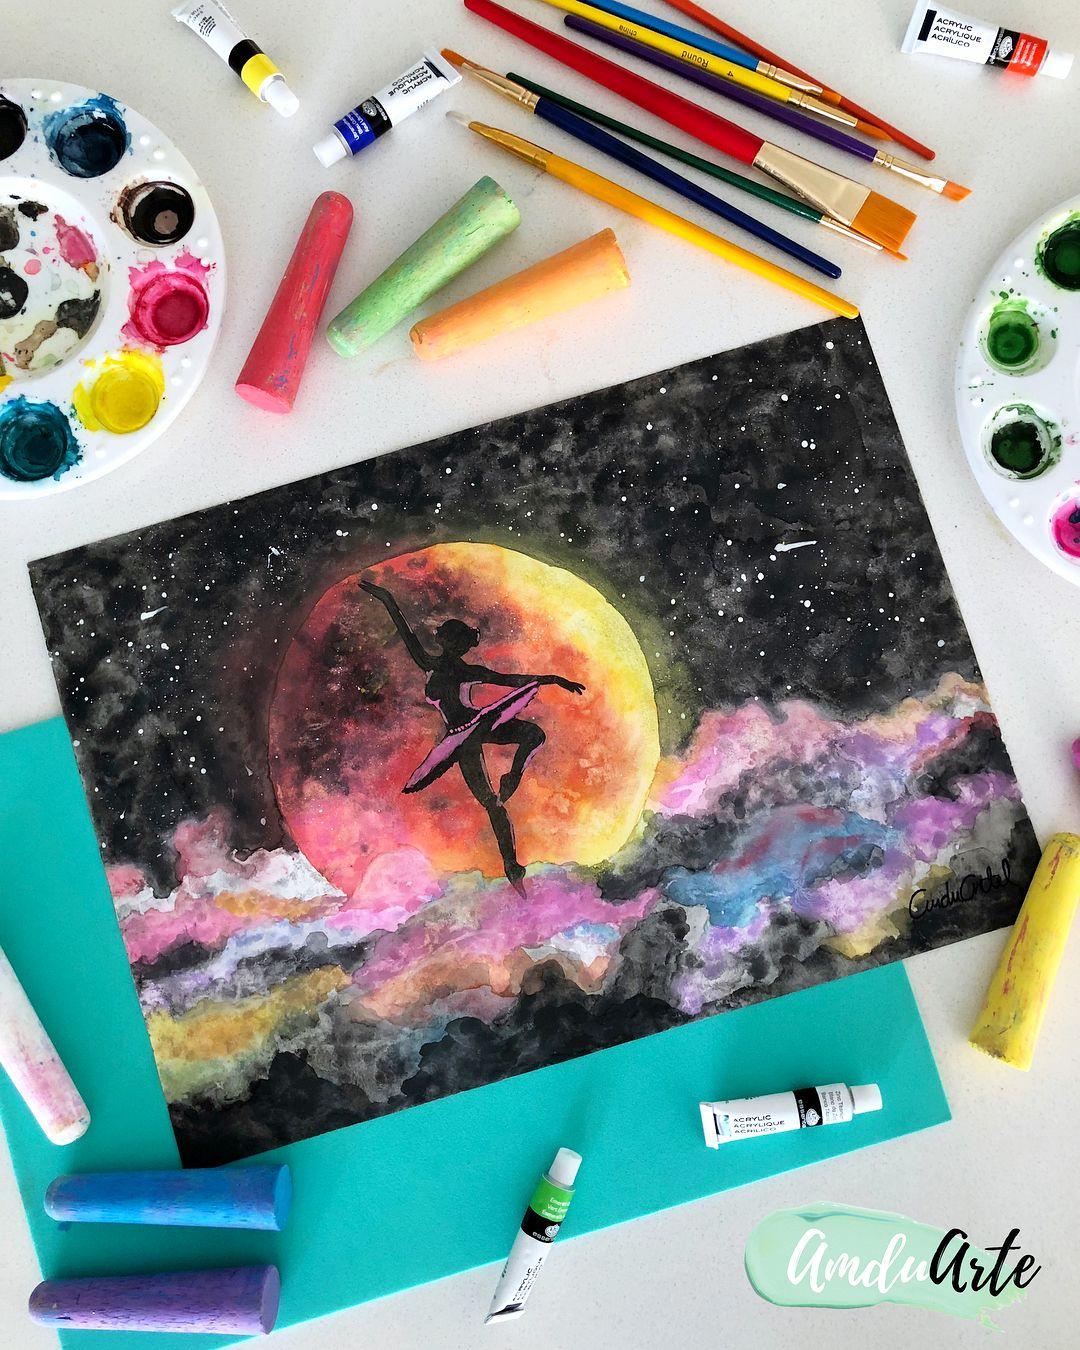 Bailando En La Luna Dibujo Hecho En Acuarela Pasteles Y Marcadores Tamano 30 X 40 Cm By Amduarte Canvas Pictures Duarte Diy Projects Videos